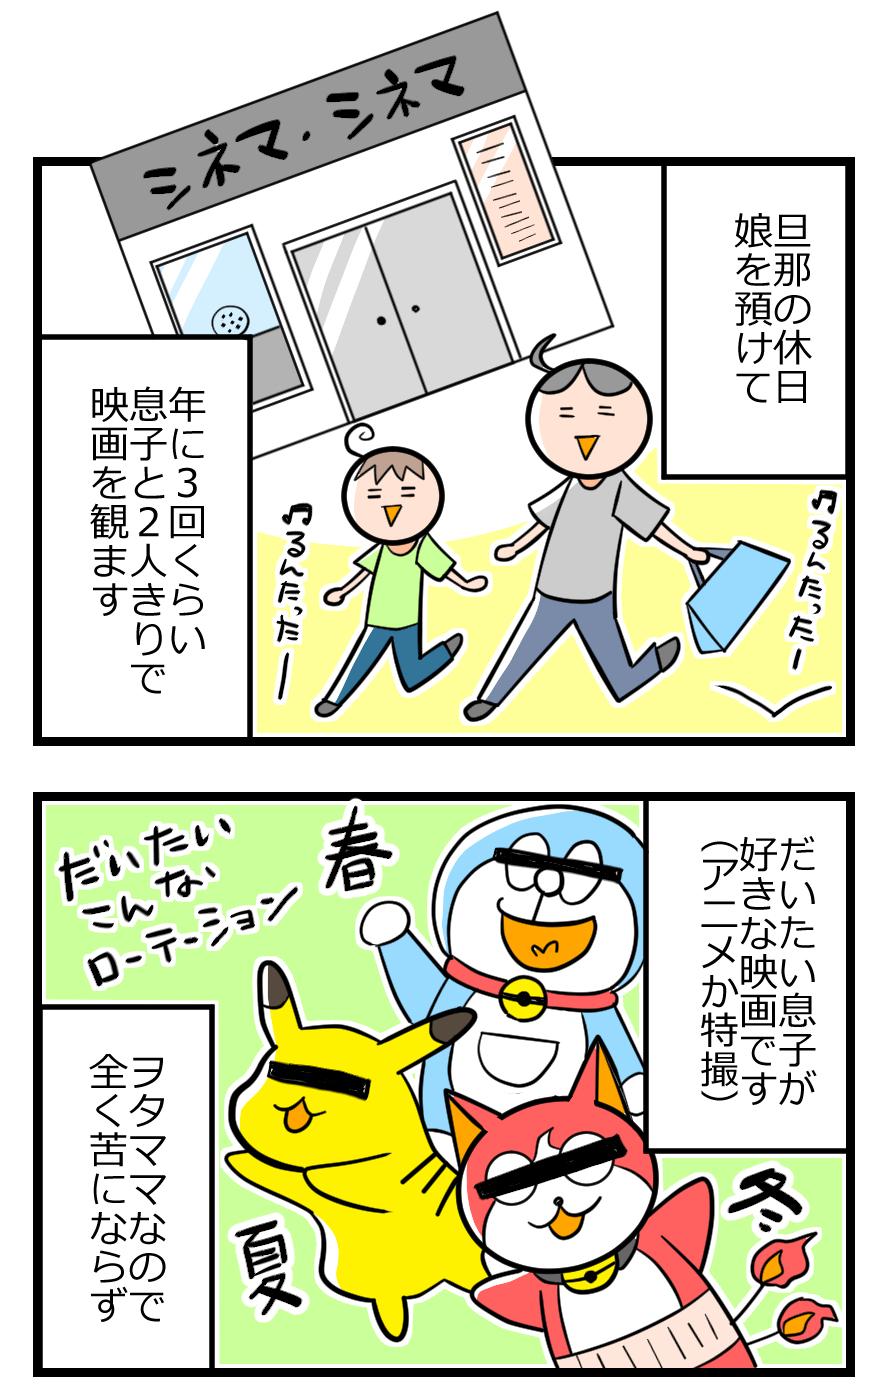 nakiri0061完成